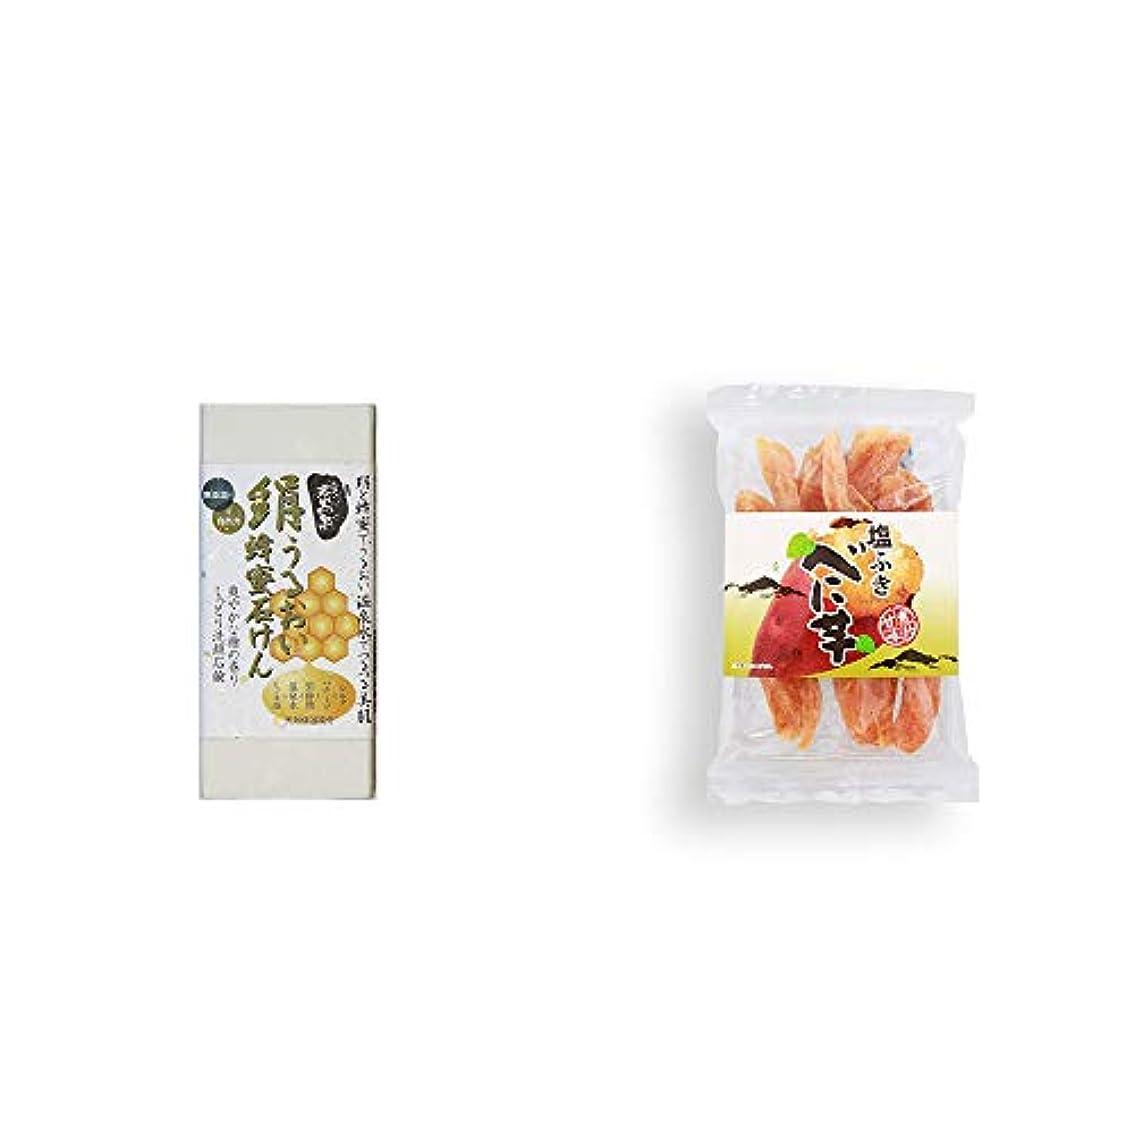 チャペル誇大妄想取り消す[2点セット] ひのき炭黒泉 絹うるおい蜂蜜石けん(75g×2)?塩ふき べに芋(250g)